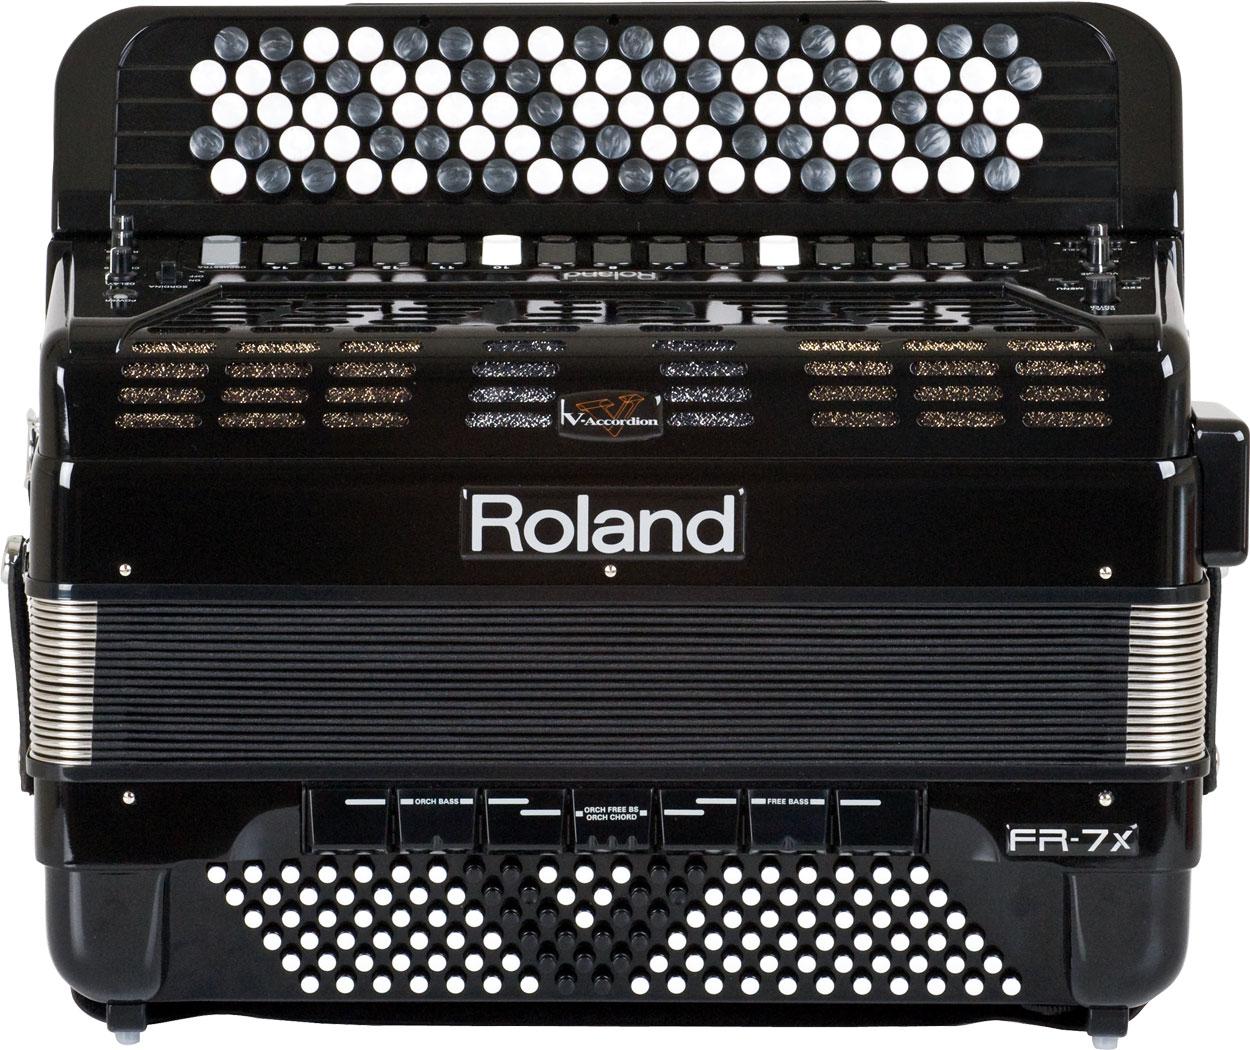 Roland - FR-7xb | V-Accordion